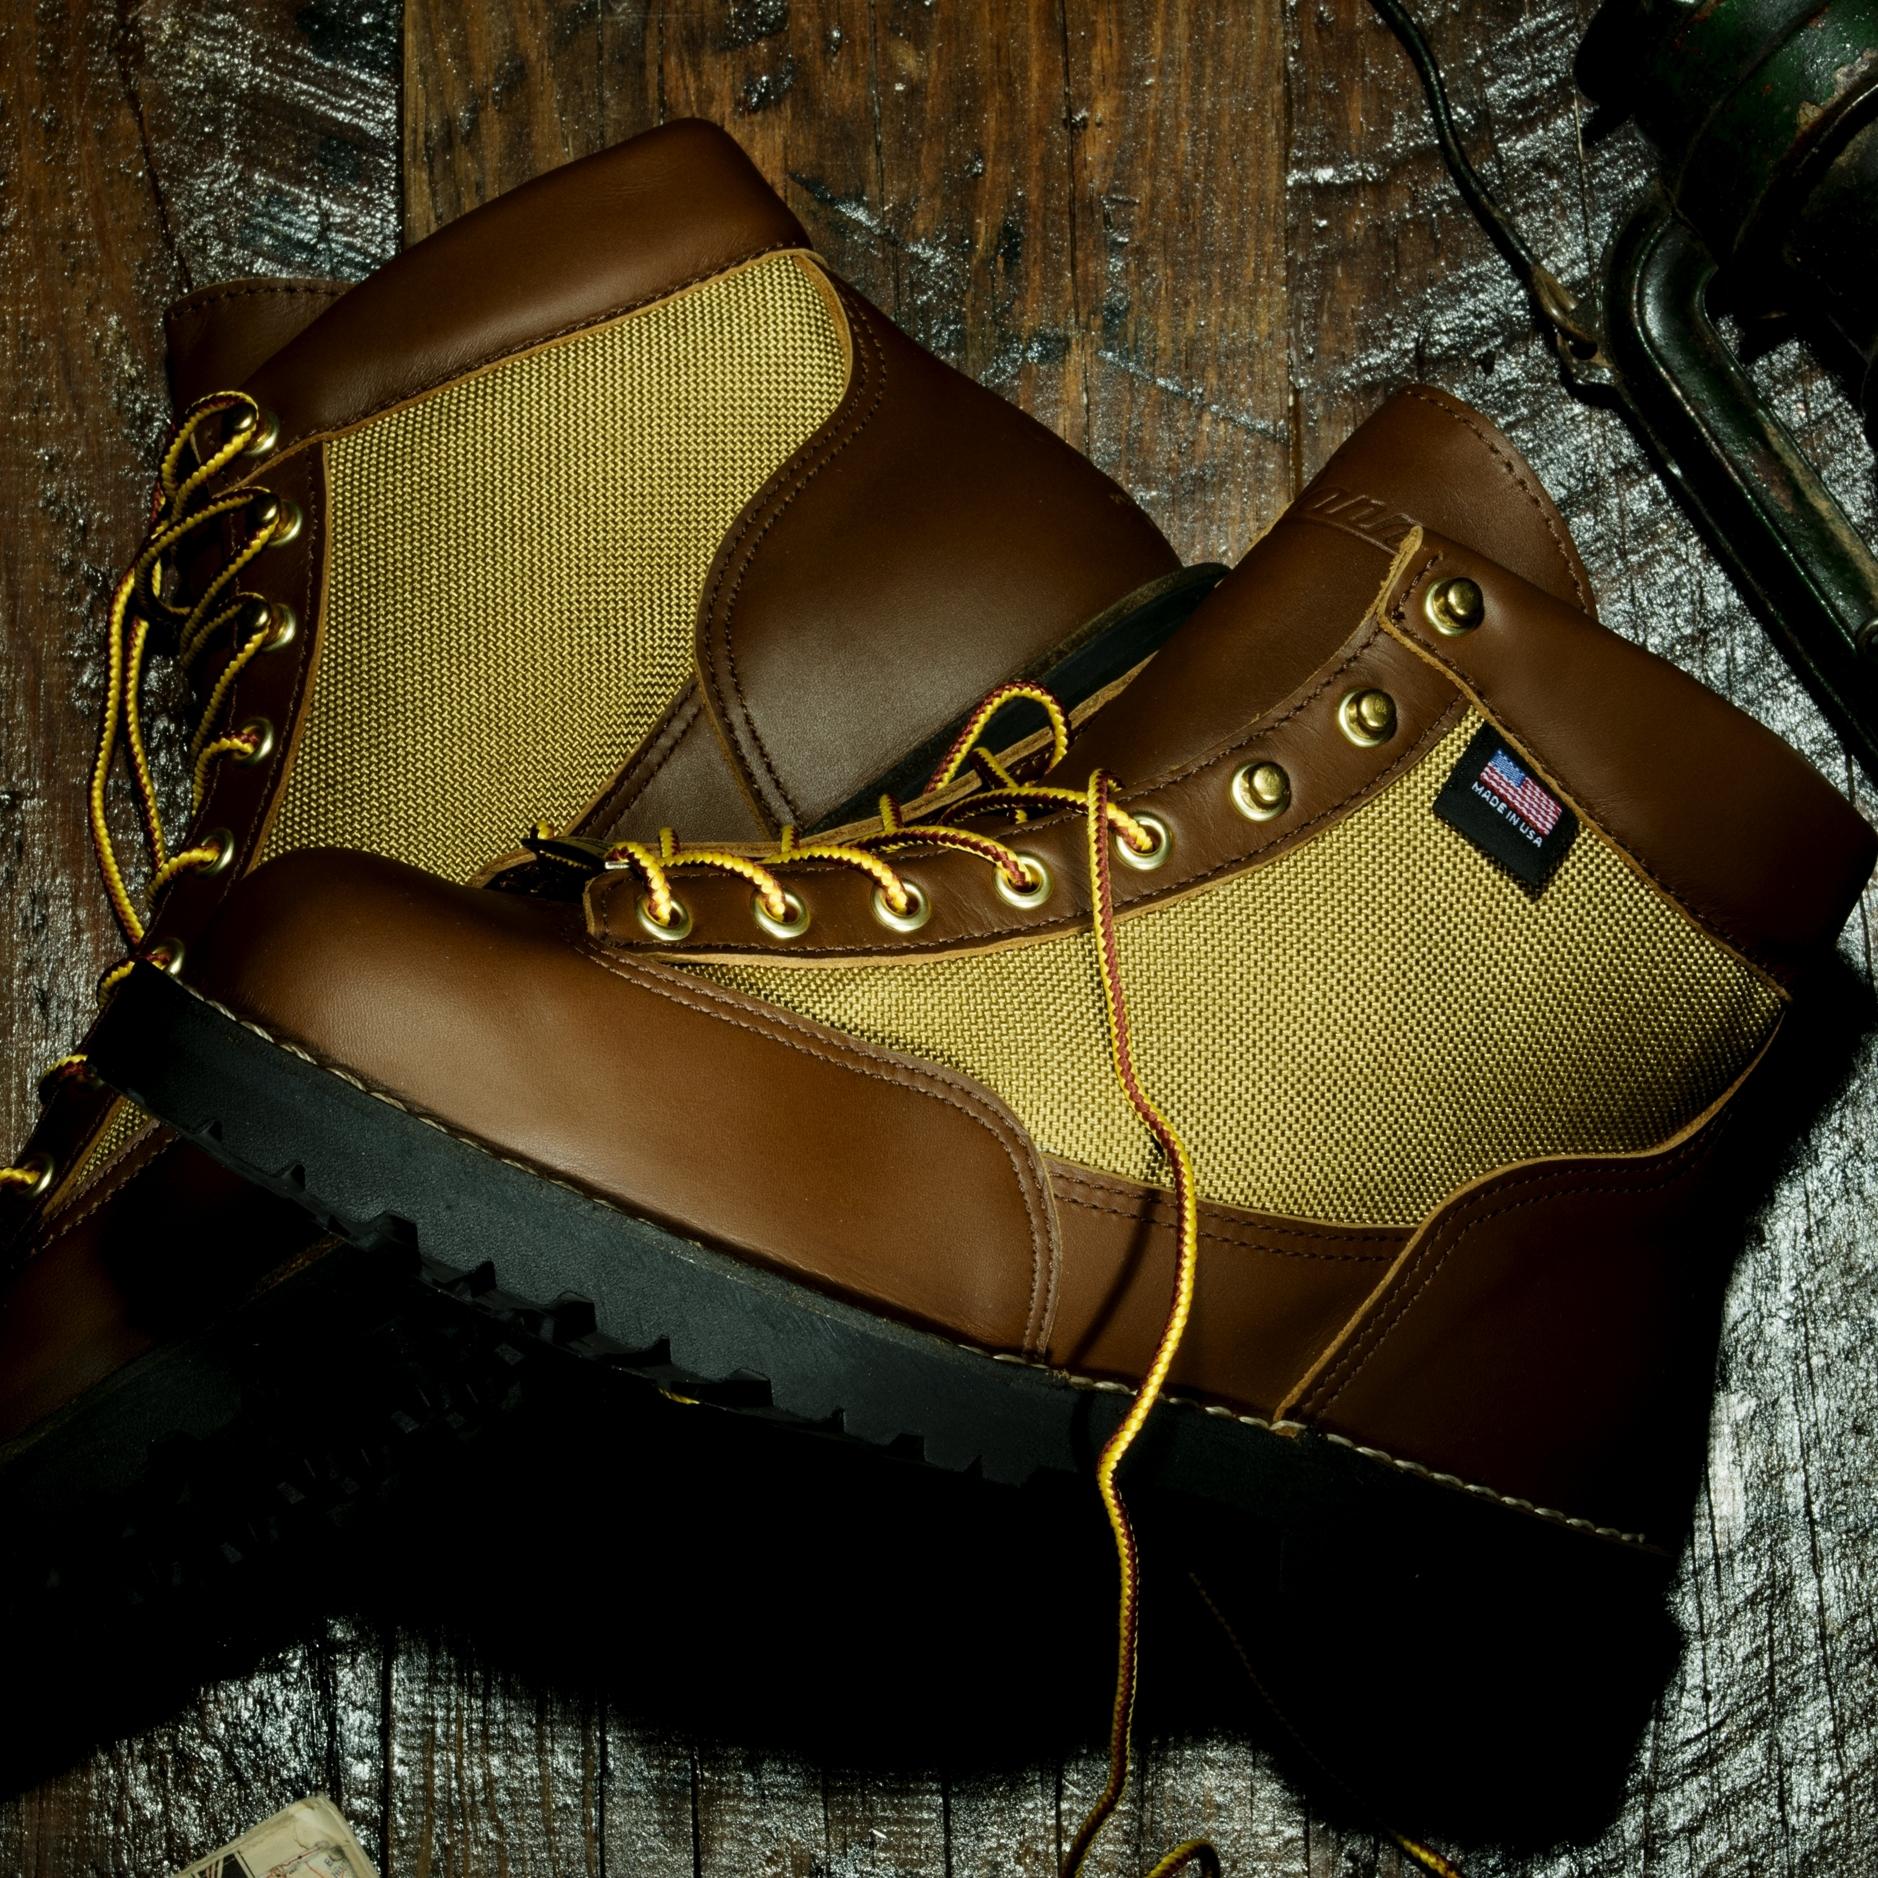 アウトドアシーンで強い信頼をおかれる山靴の代表格といえば…